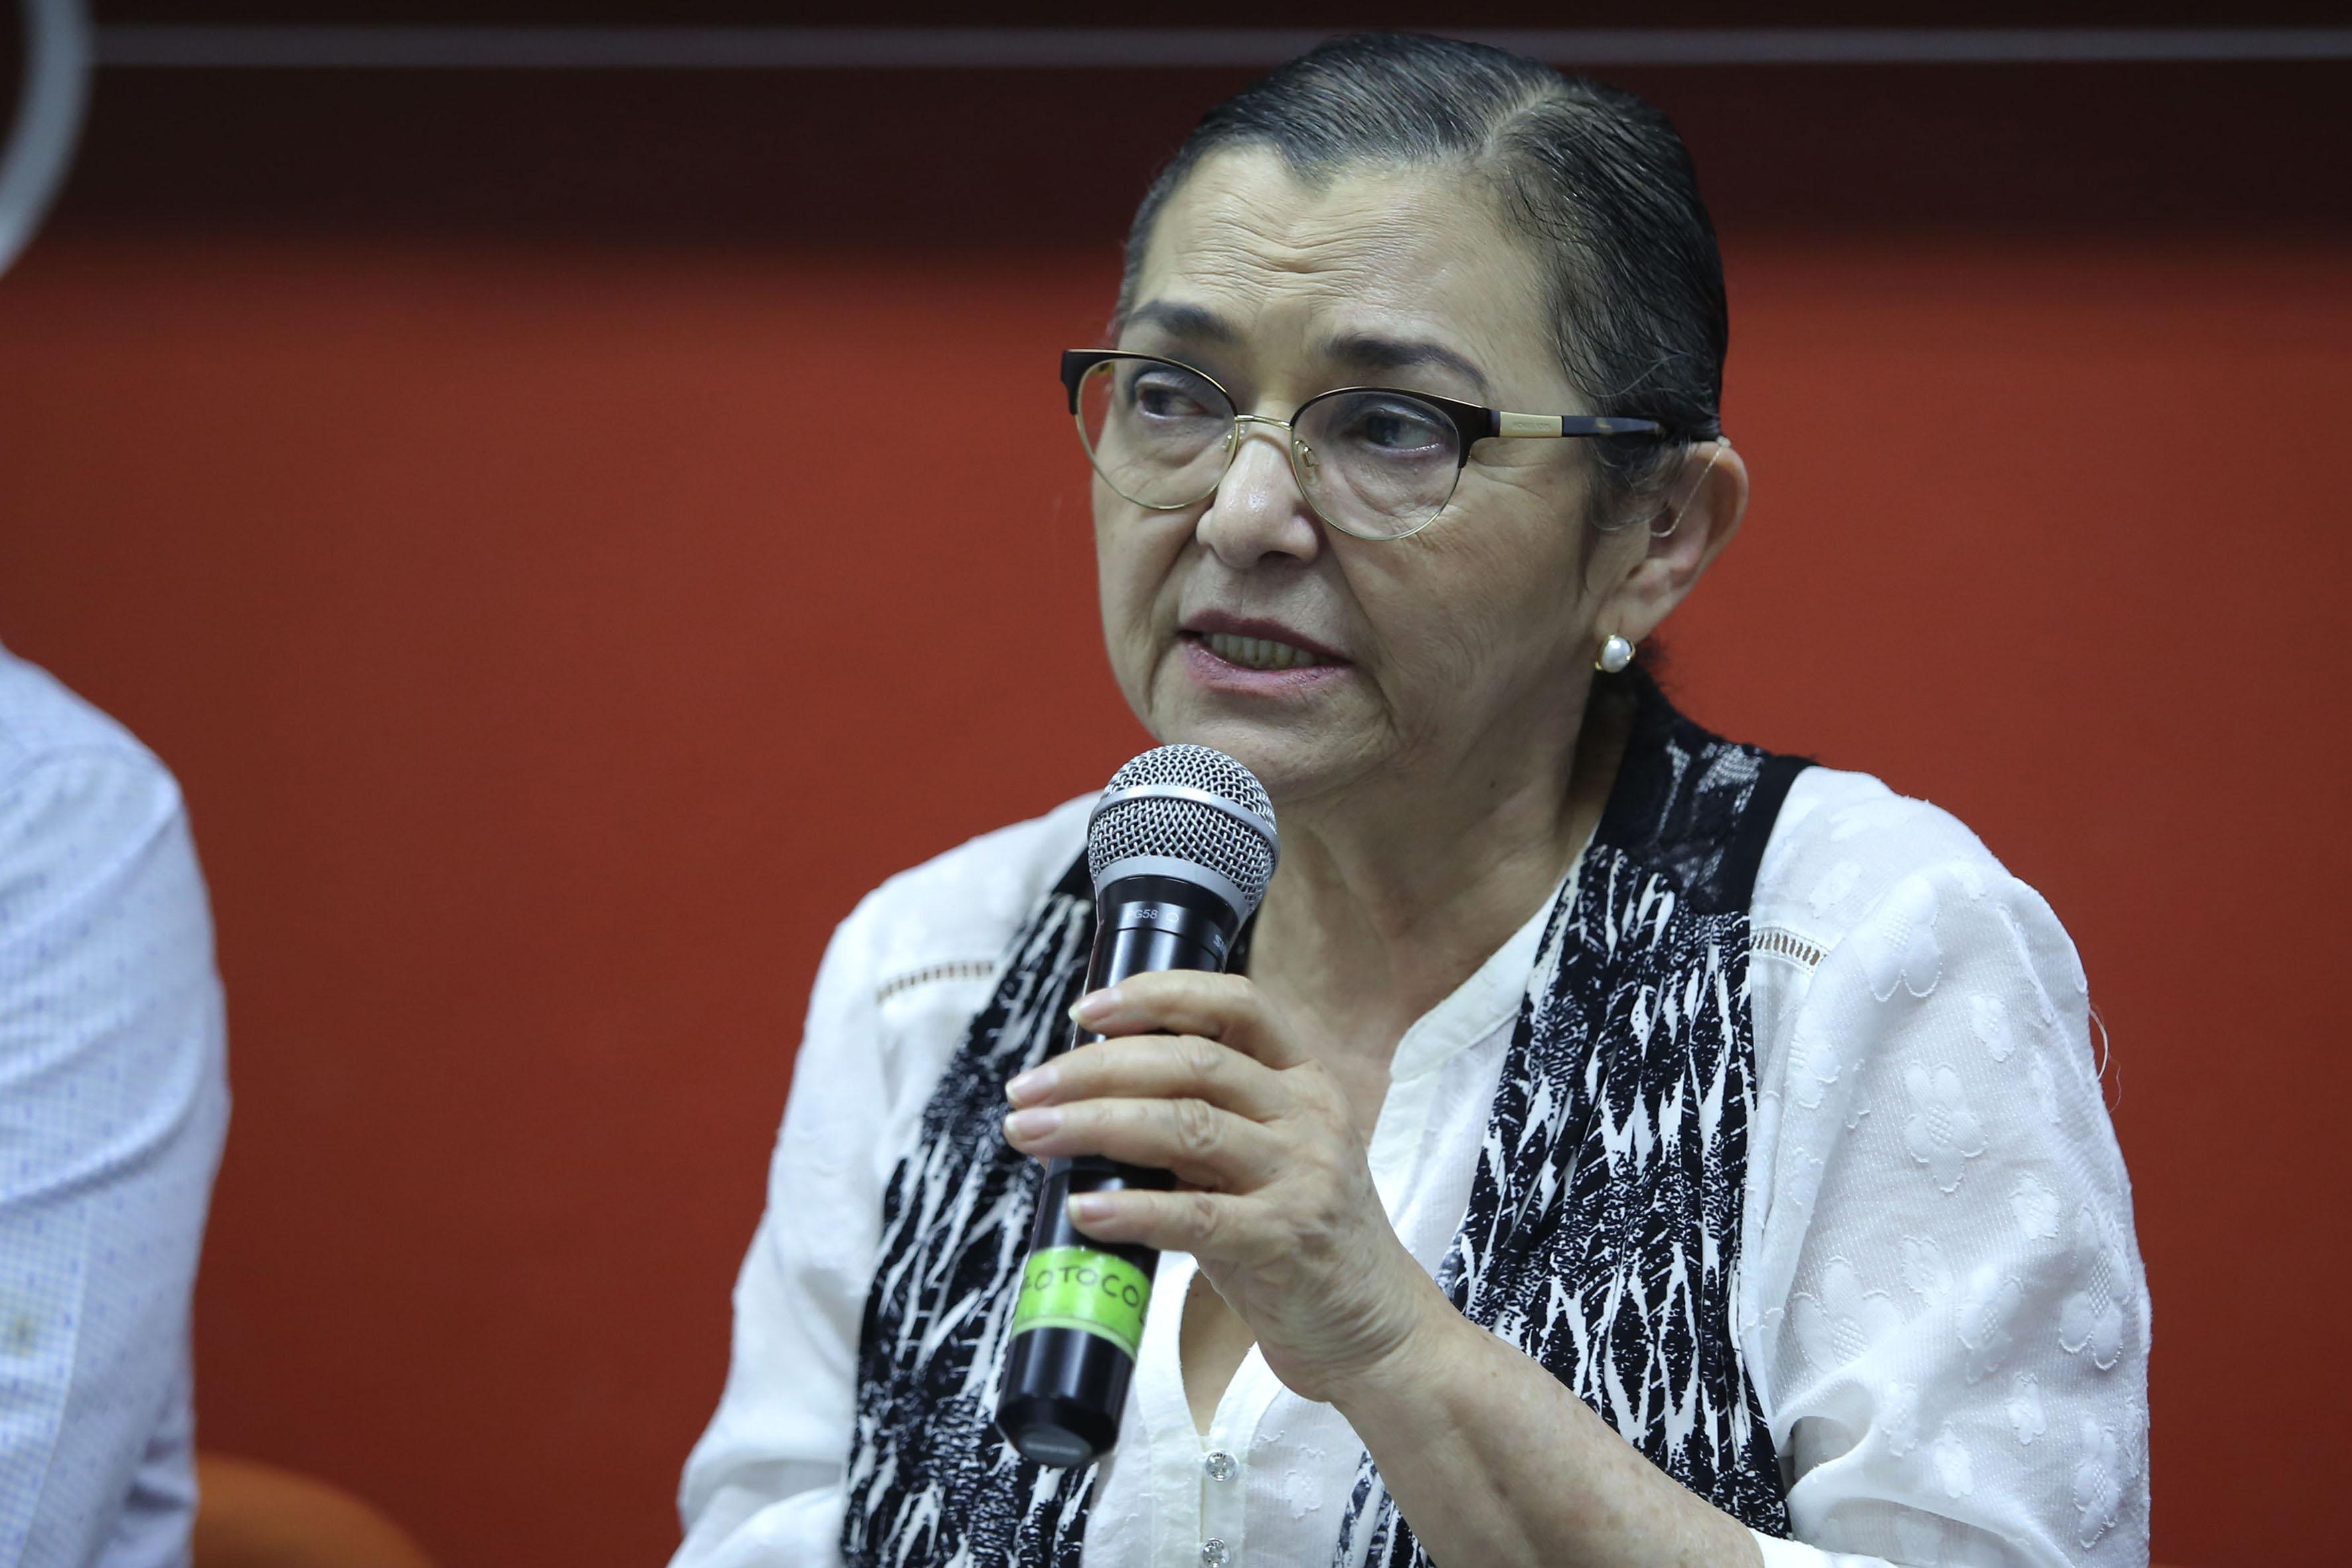 Rectora del CUCEI, doctora Ruth Padilla Muñoz, con micrófono en mano, haciendo uso de la palabra.